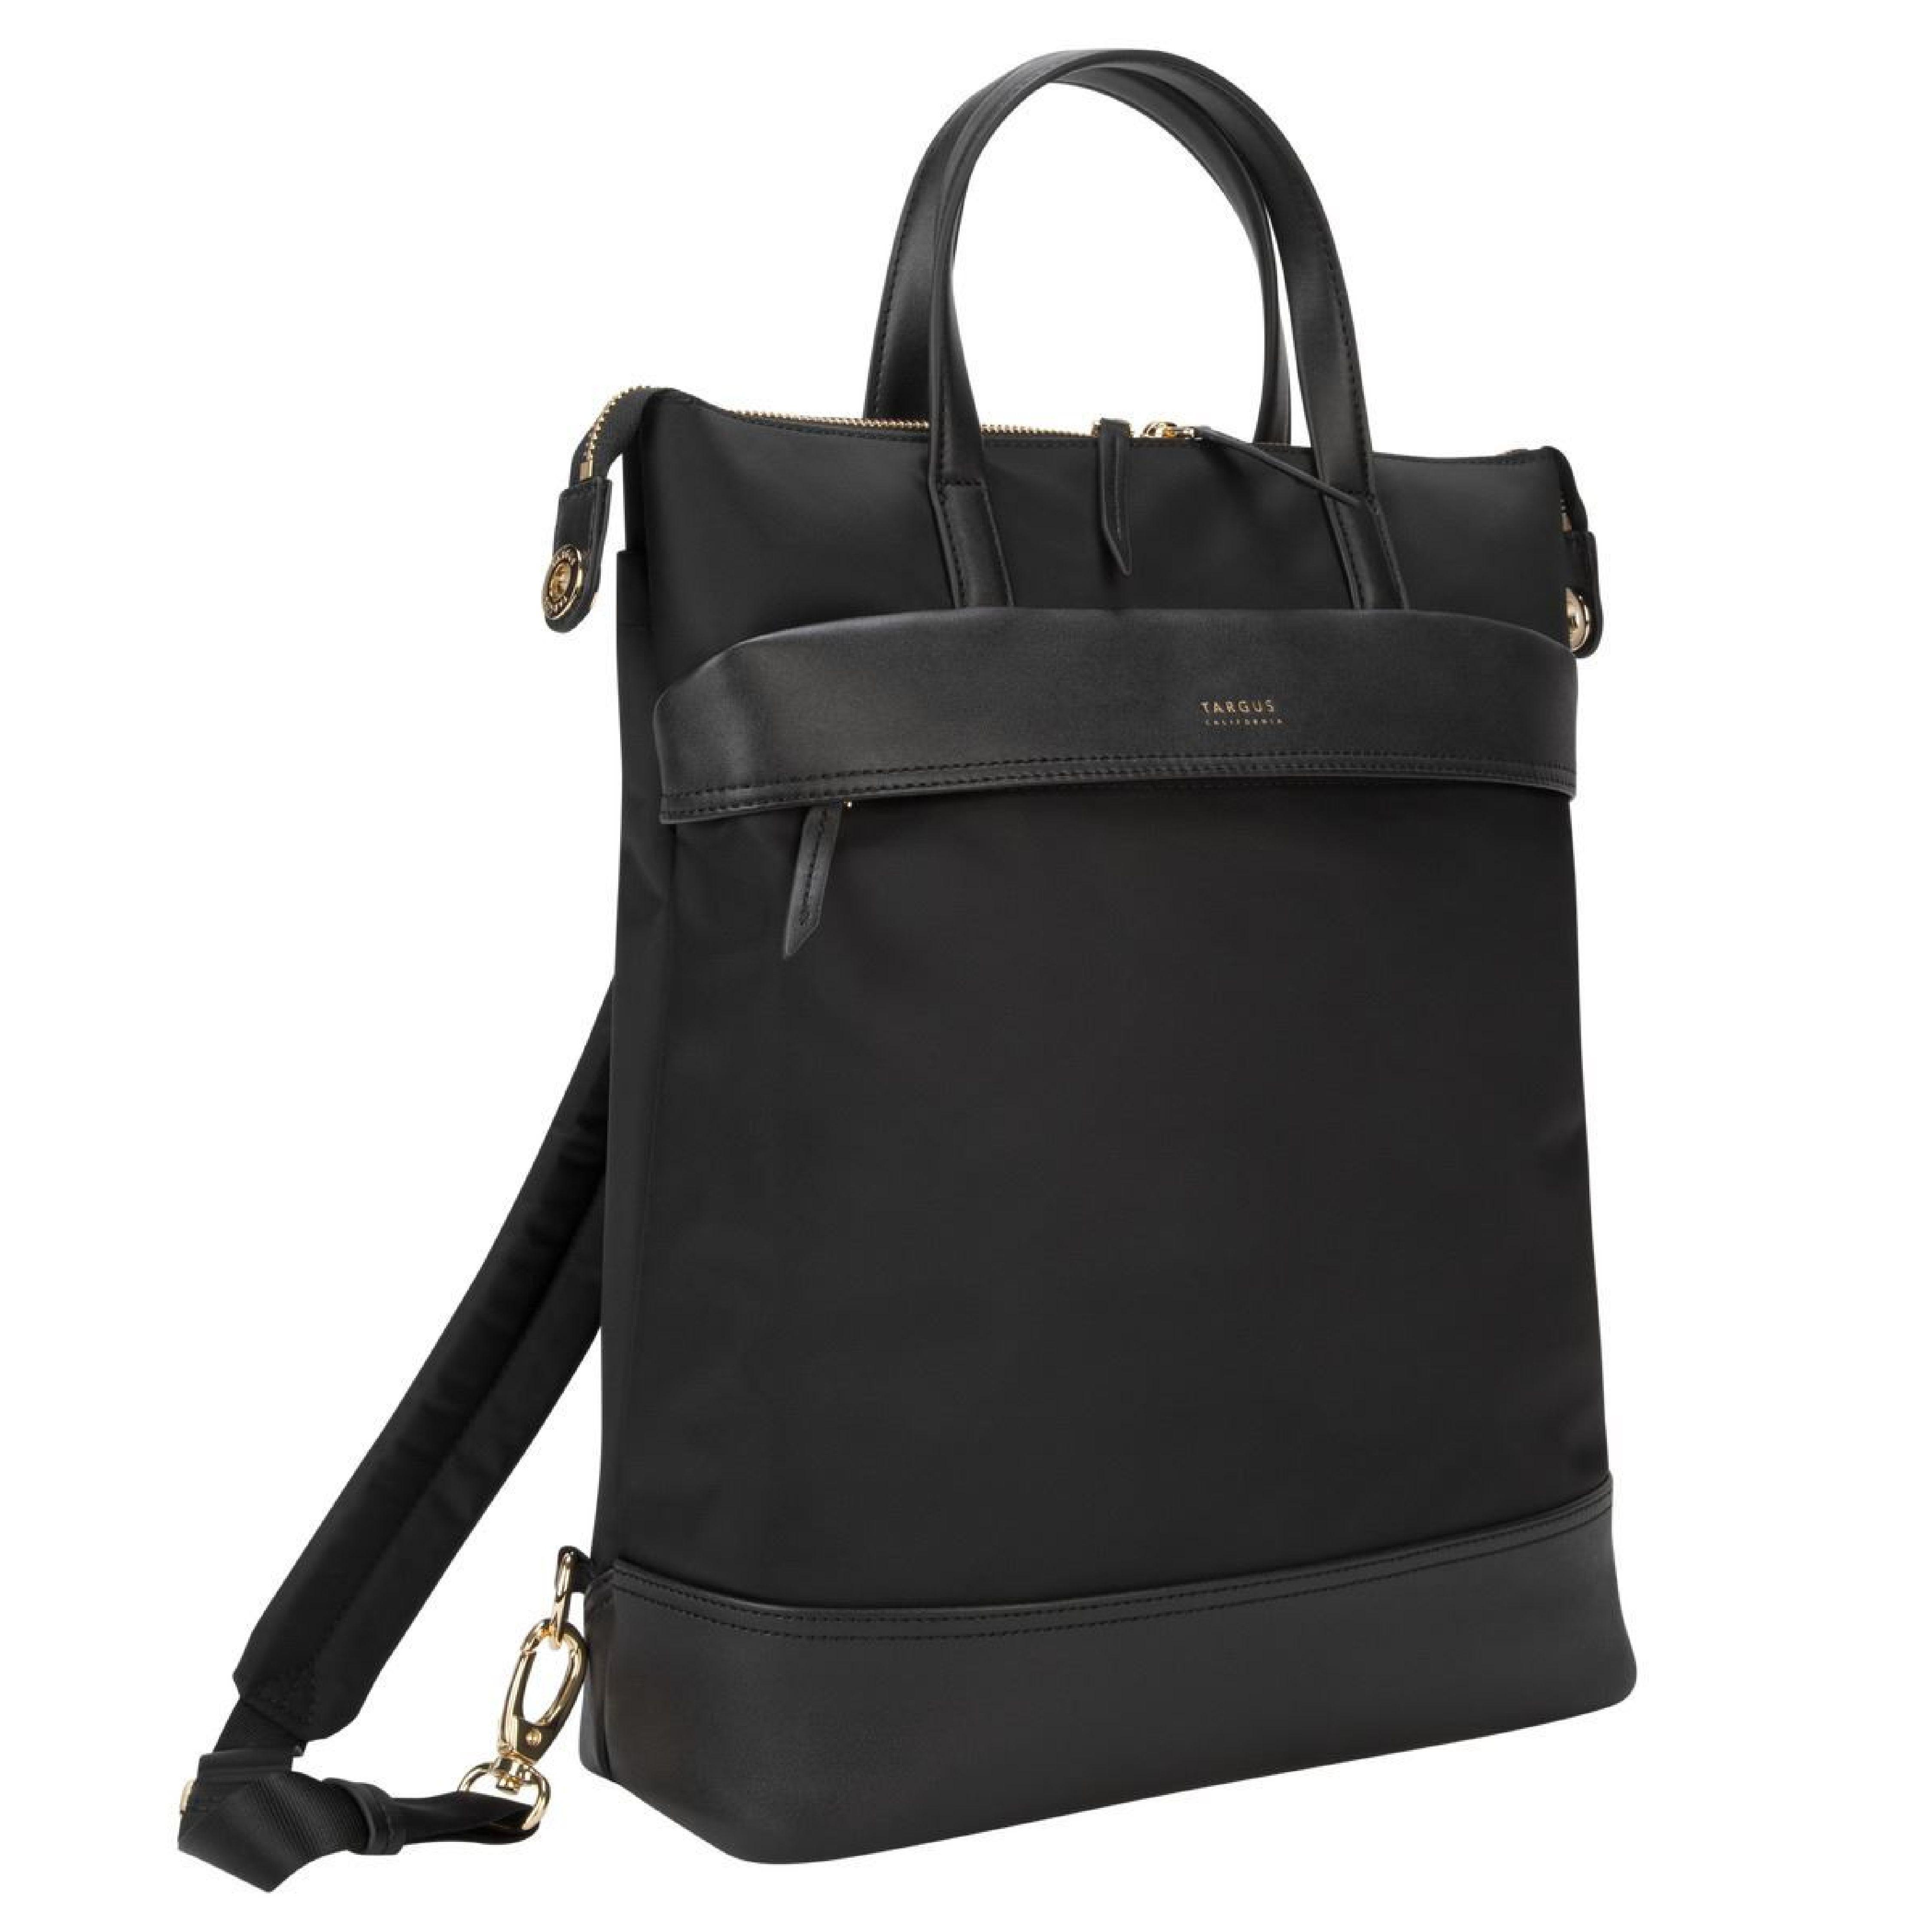 039ac7cae51ed Liebeskind Handtaschen Preisvergleich • Die besten Angebote online ...